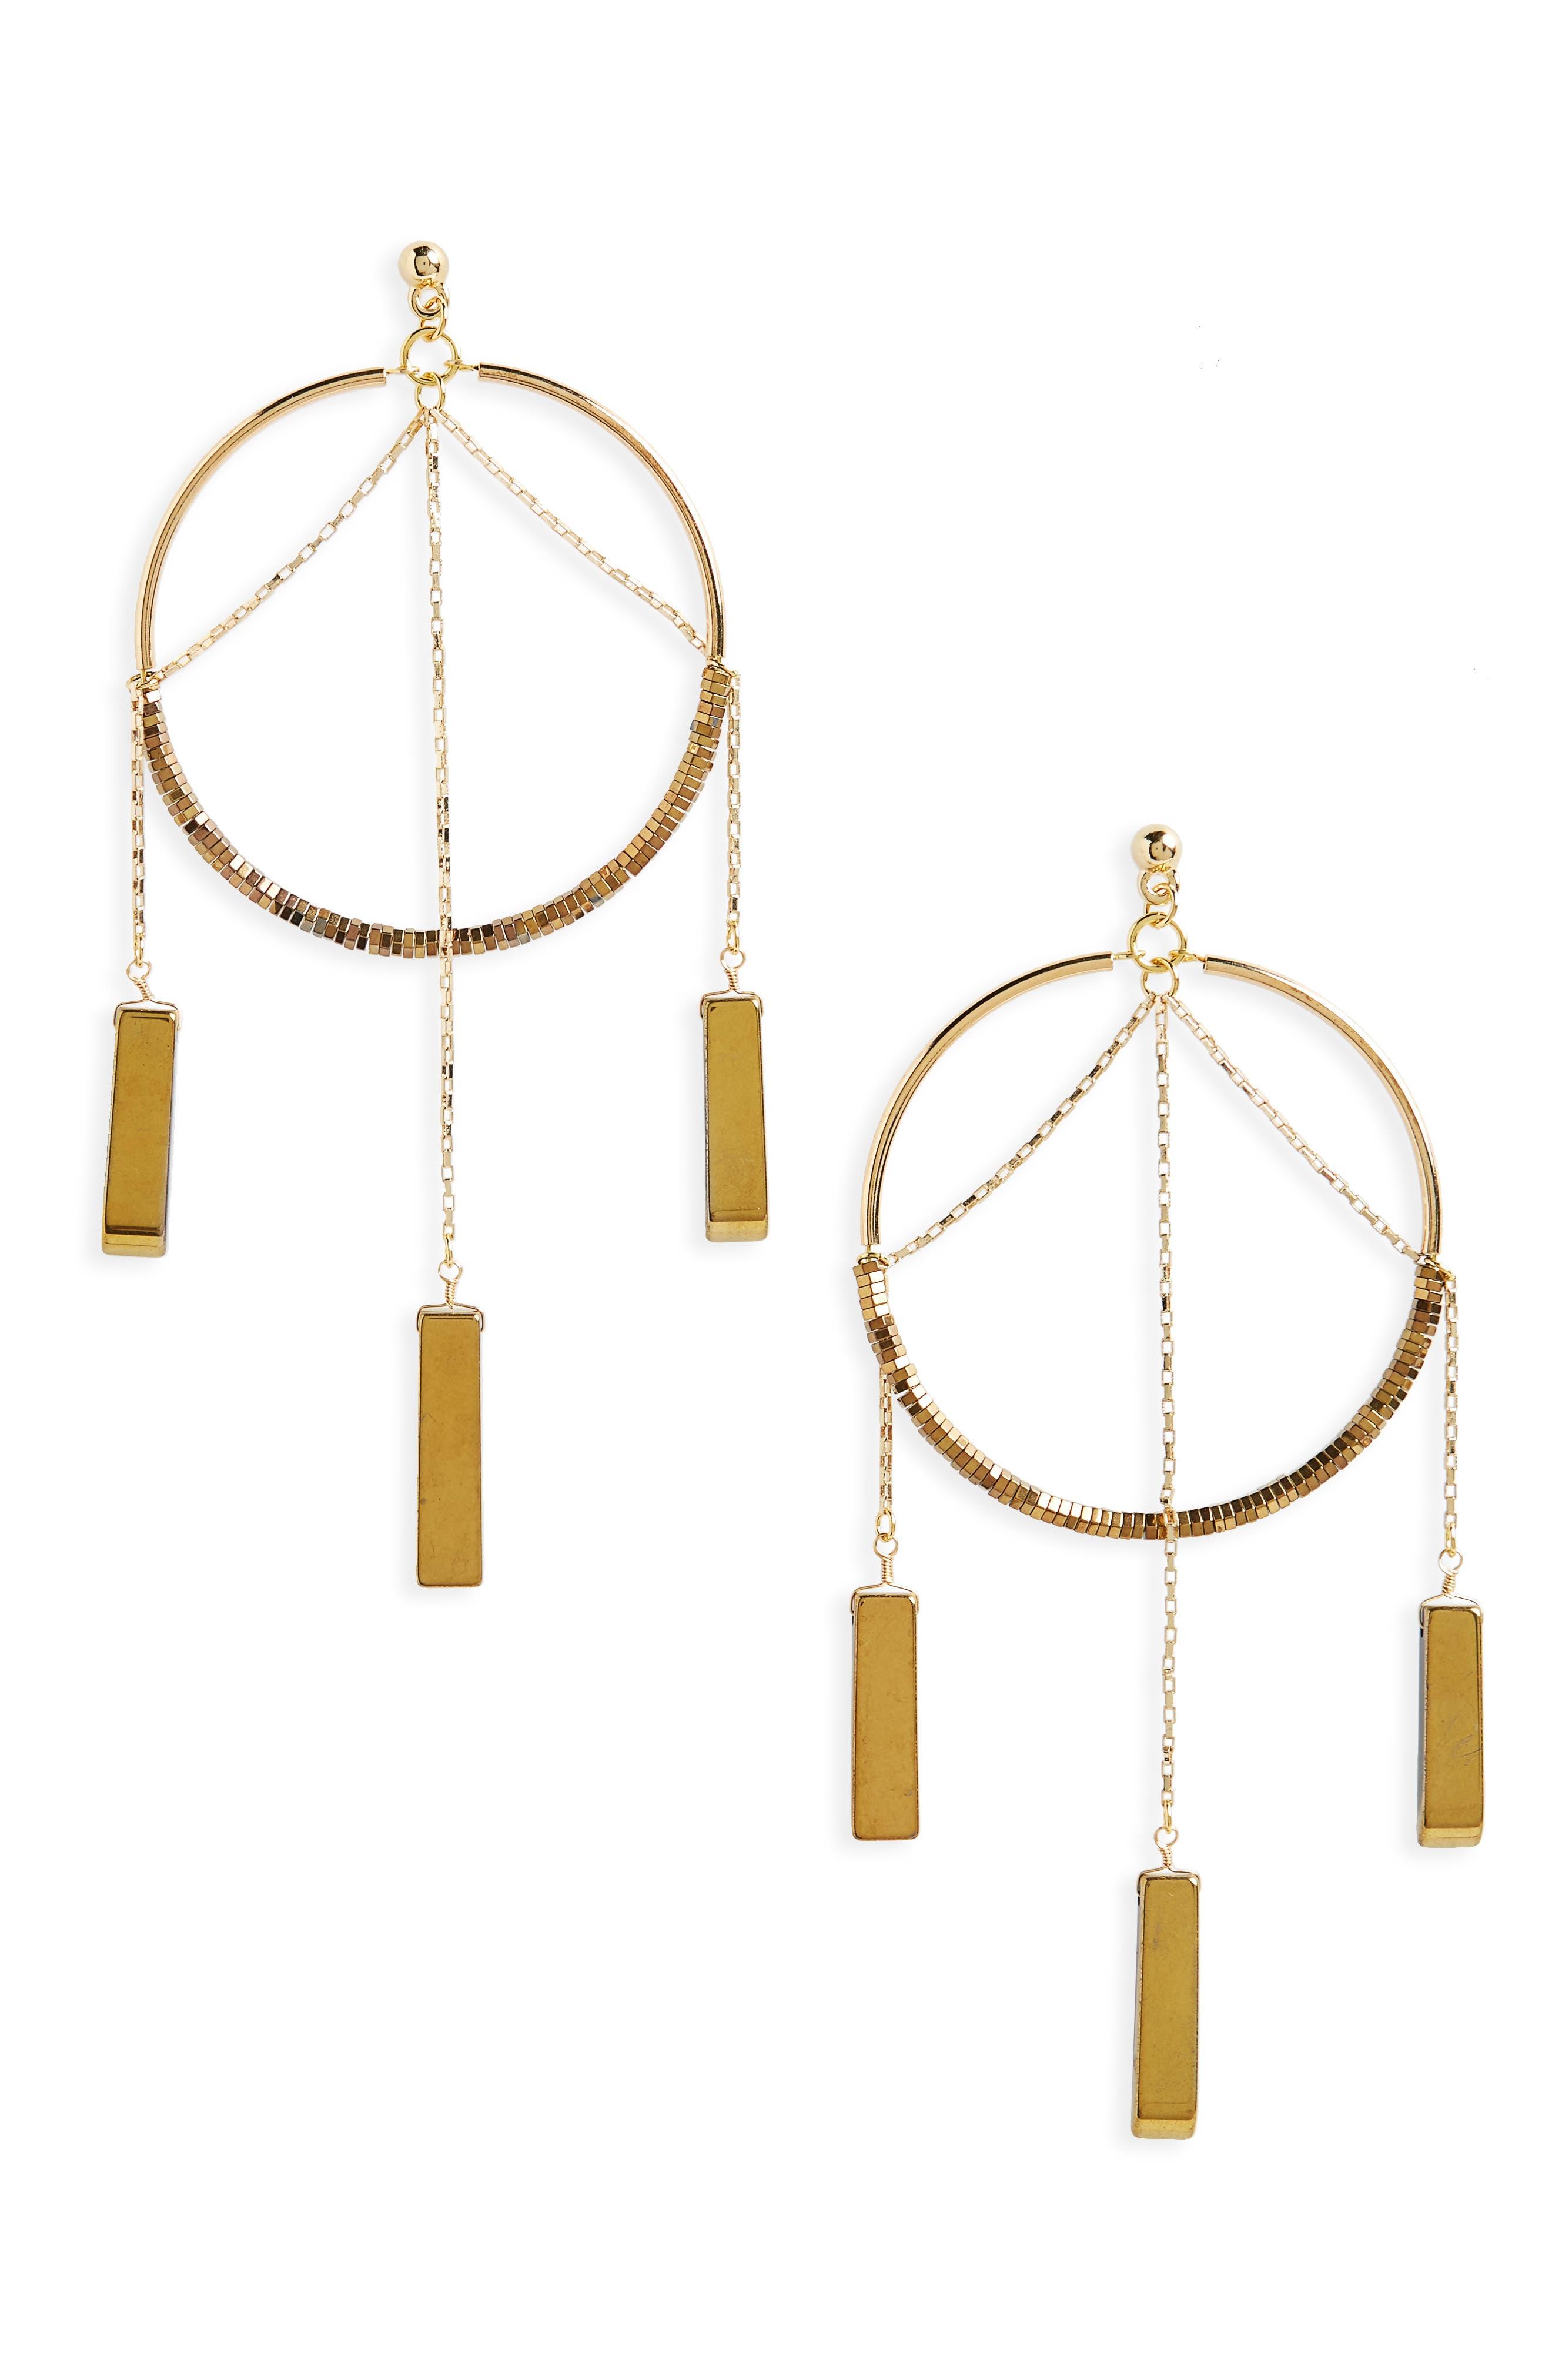 Alternate Image 1 Selected - Vanessa Mooney The Meadows Hoop Earrings